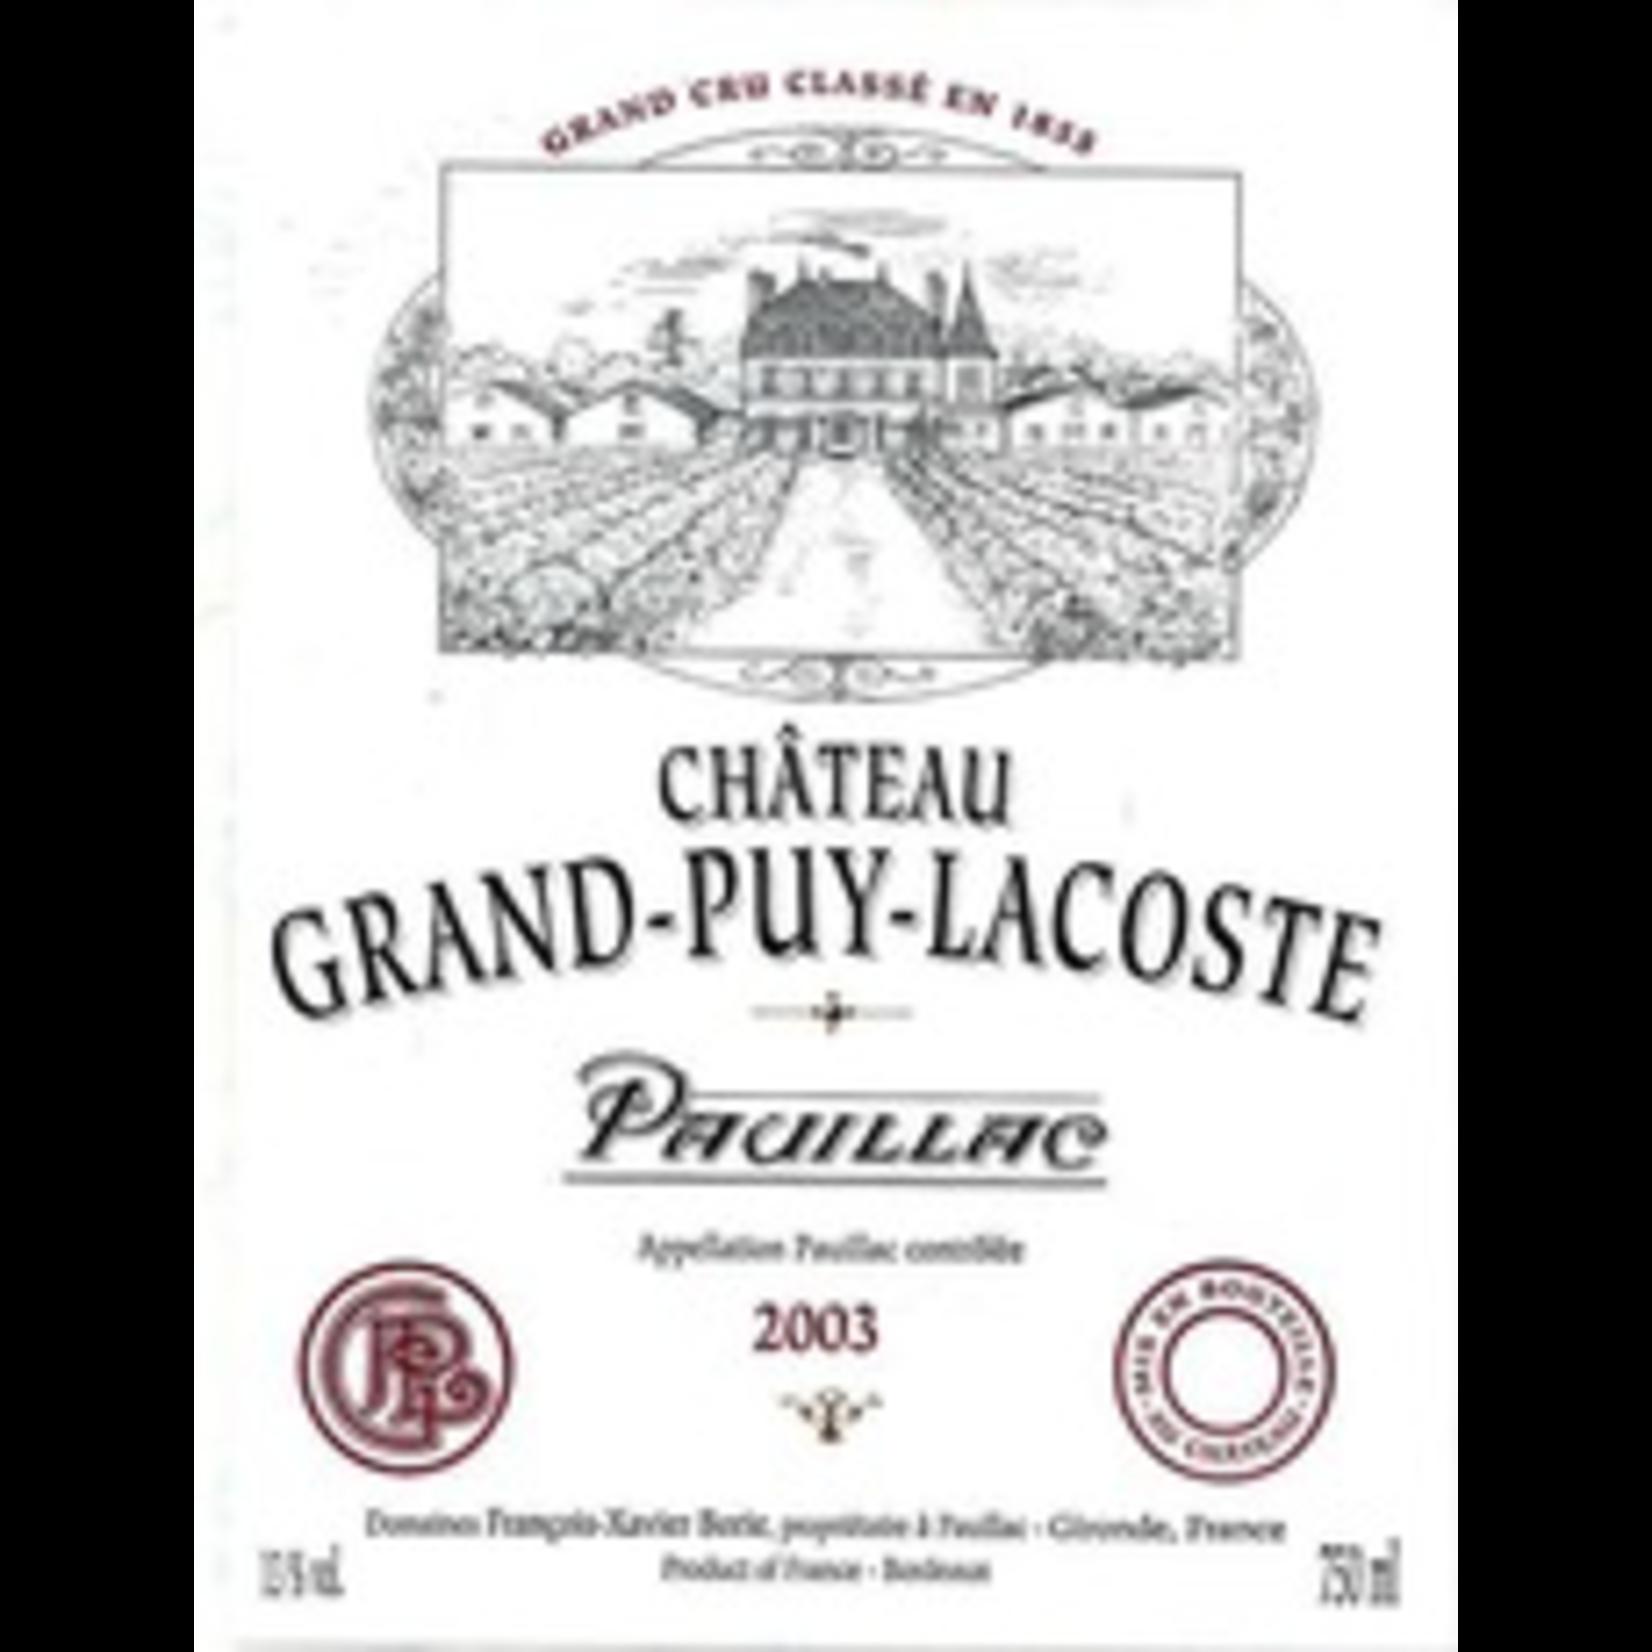 Wine Grand Puy Lacoste 2003